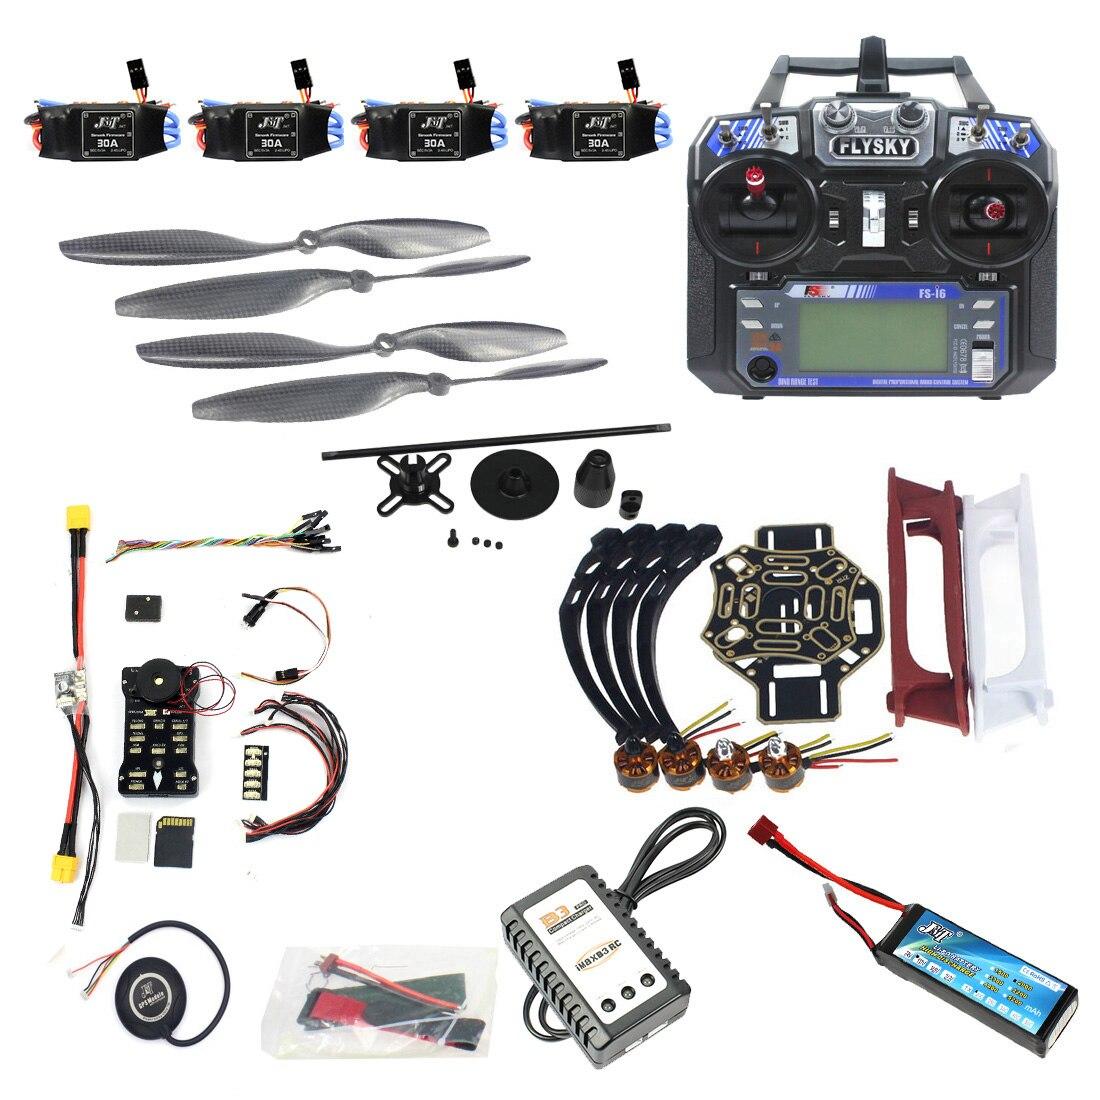 FAI DA TE FPV RC Drone Quadcopter 4 assi Aereo Kit 450 Telaio PXI PX4 di Controllo di Volo 920KV Motore GPS FS-i6 trasmettitore